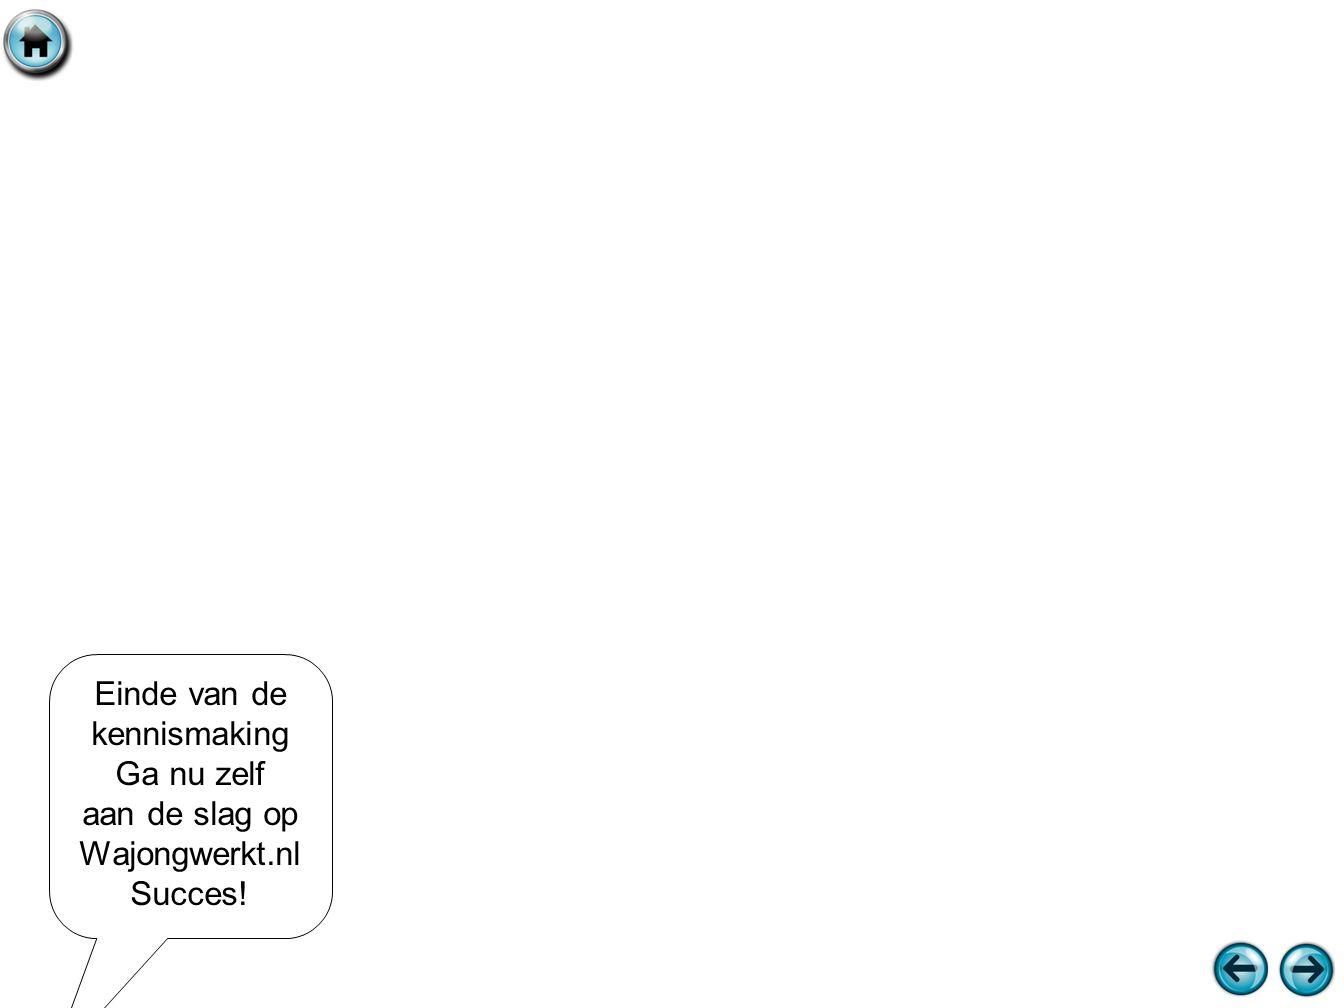 Einde van de kennismaking Ga nu zelf aan de slag op Wajongwerkt.nl Succes!